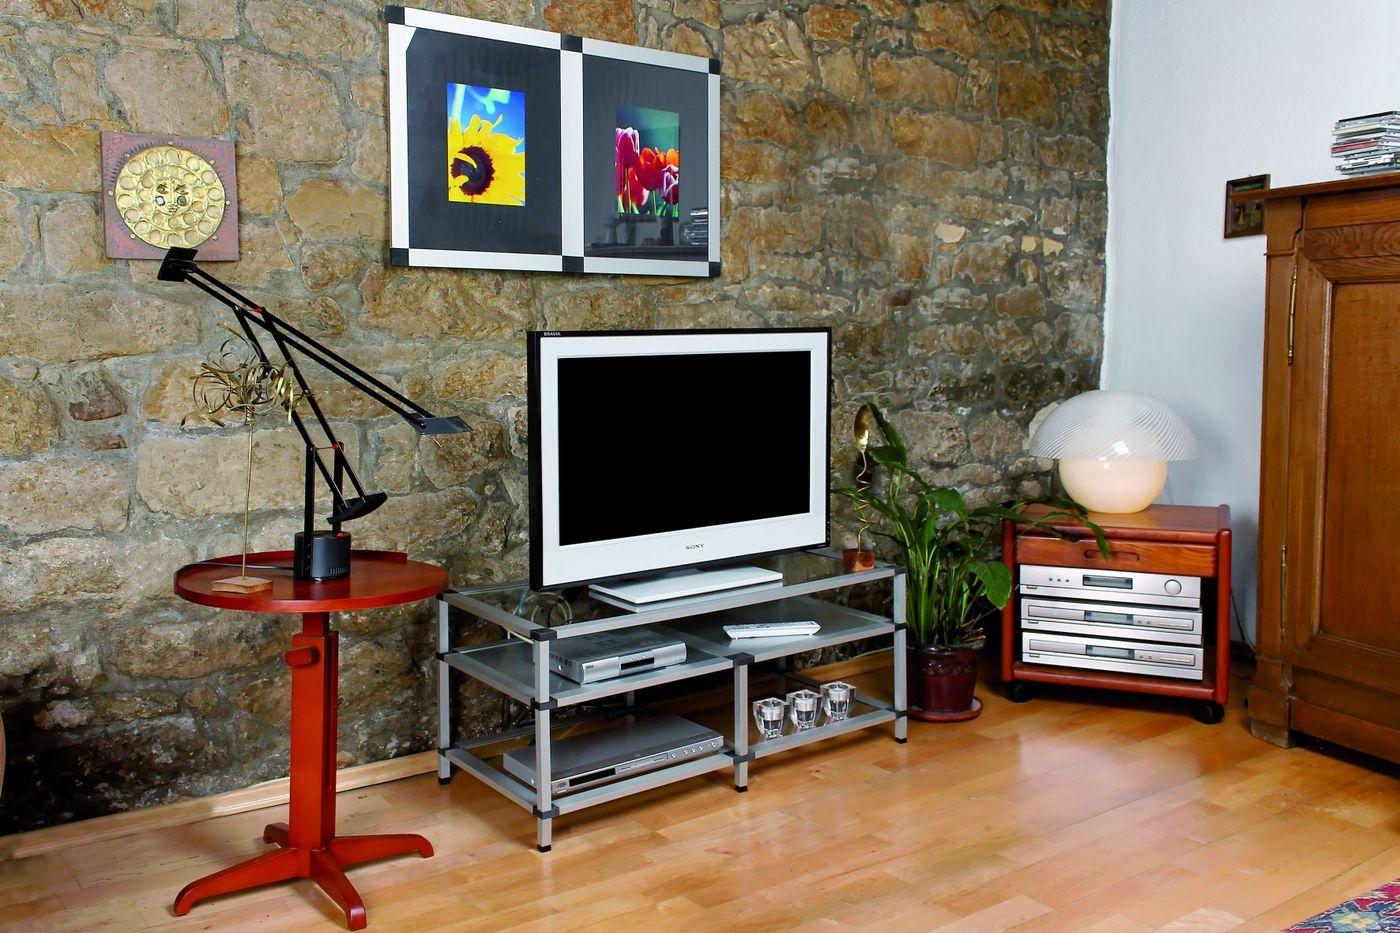 TV Regal Furs Wohnzimmer